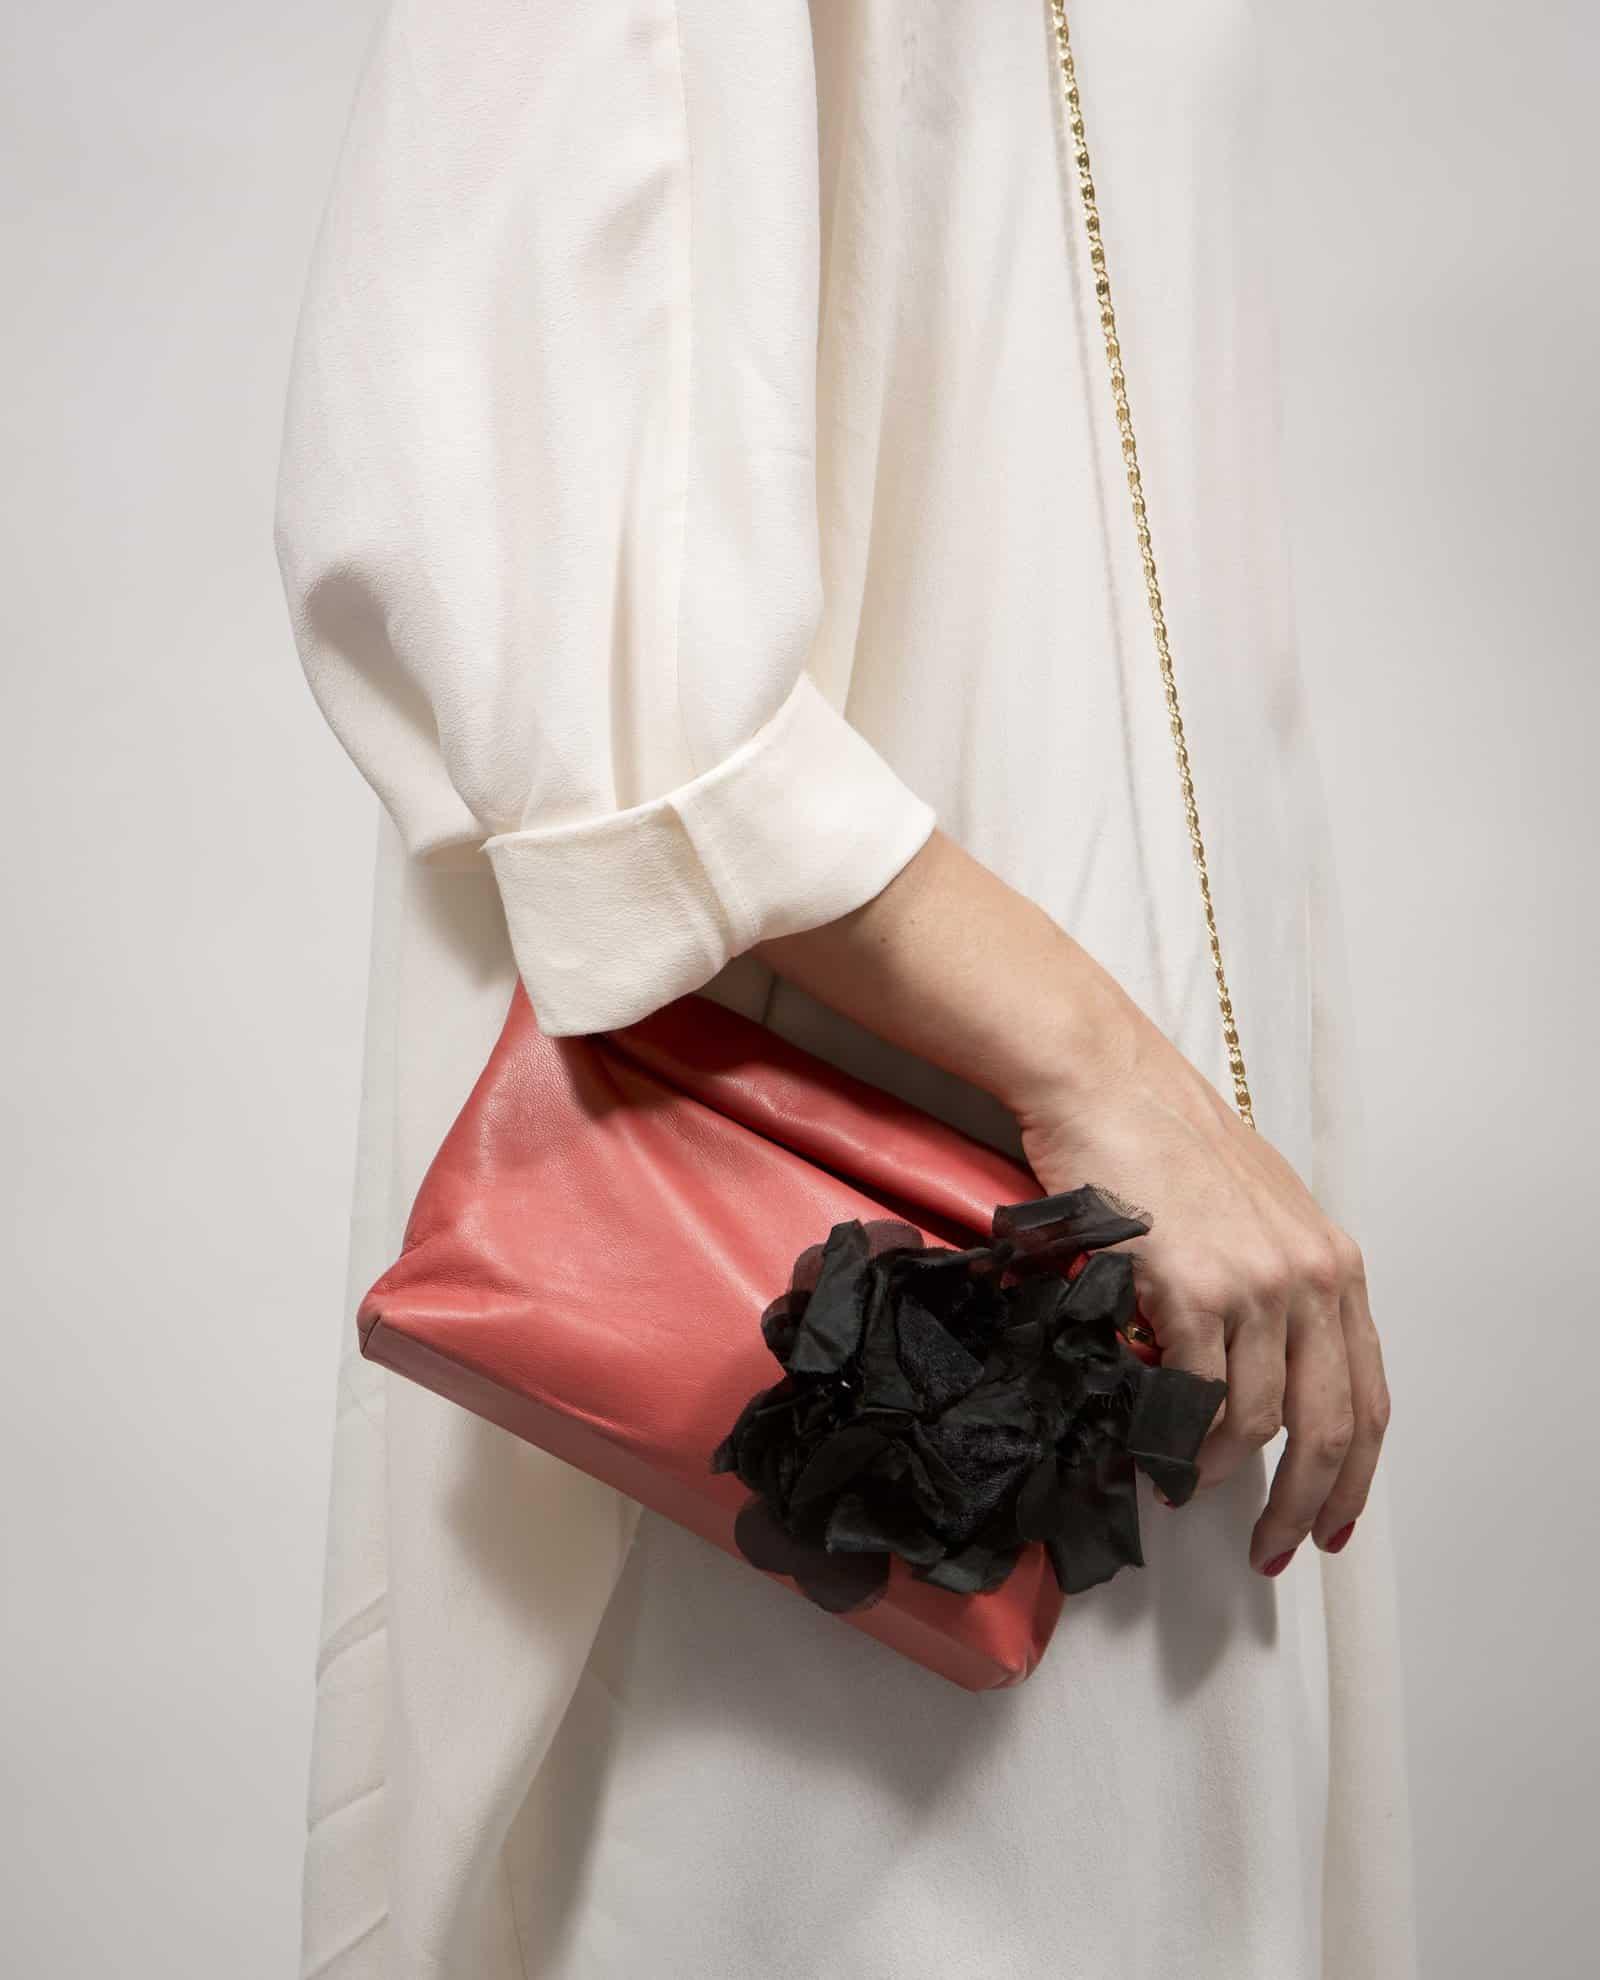 BLACK-ROSE-DO10V17-Doris-model-PettyThings-person-detail